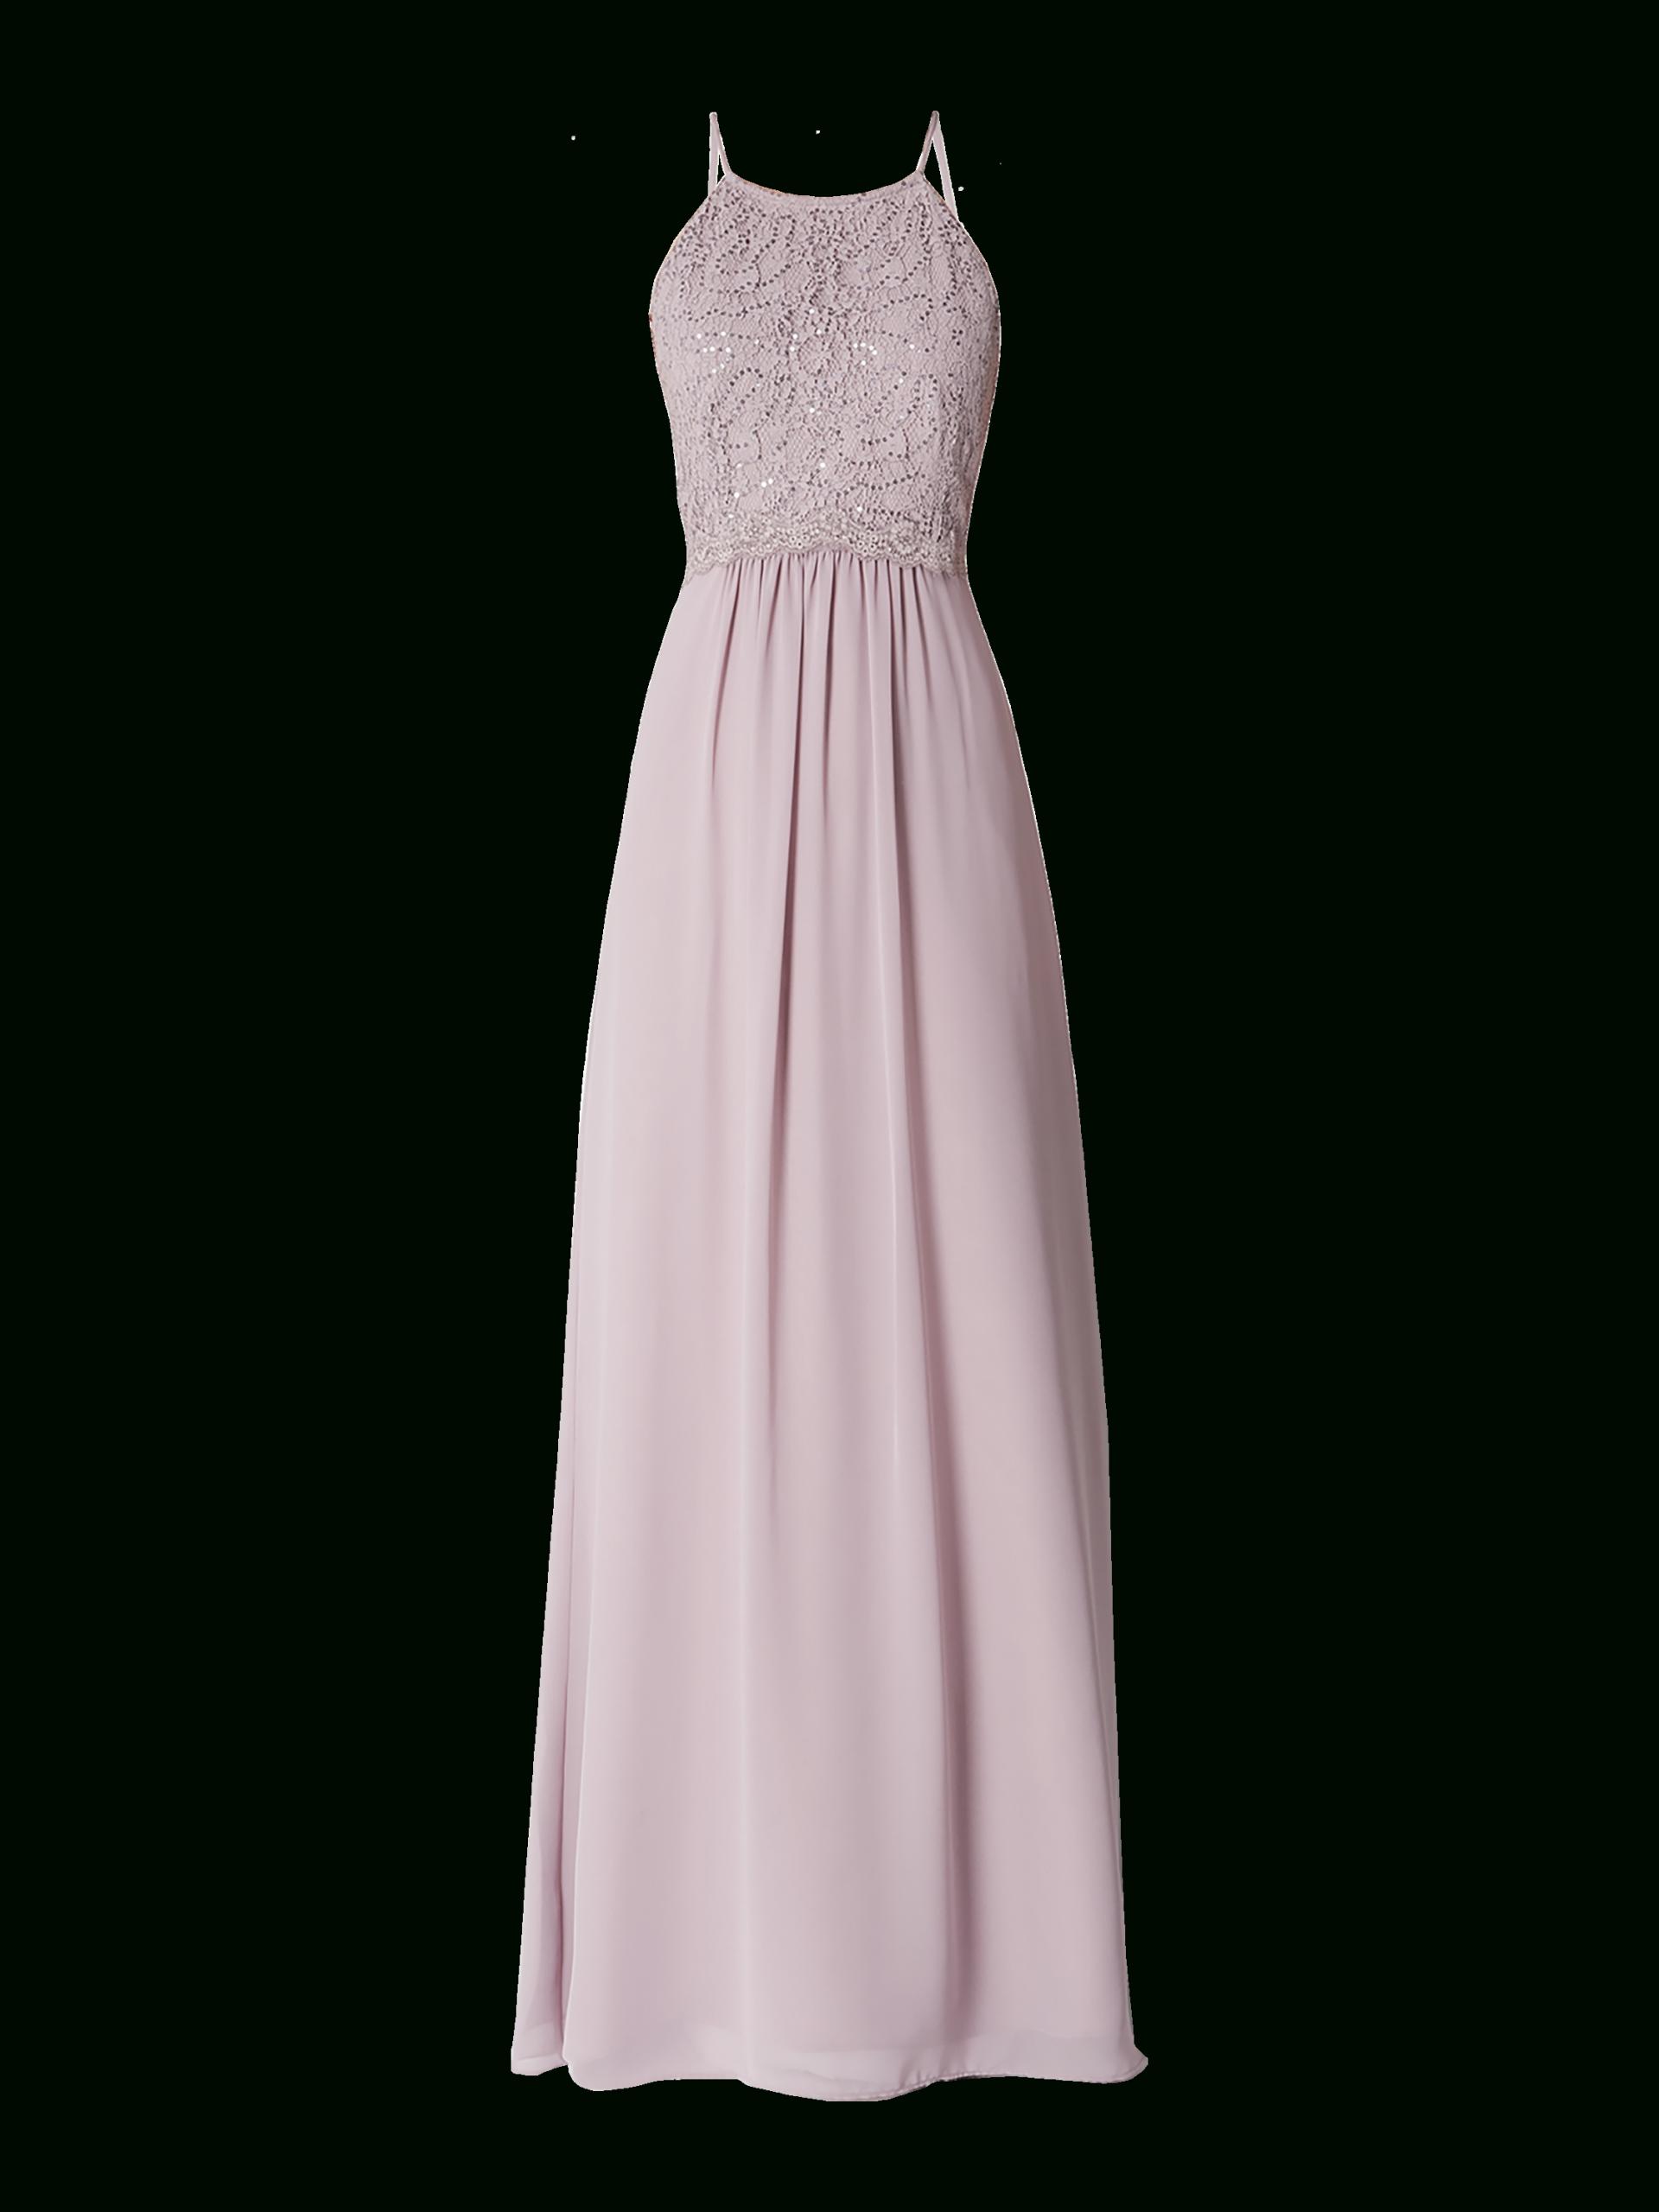 Abend Fantastisch Abendkleid Kürzen für 201910 Schön Abendkleid Kürzen Galerie